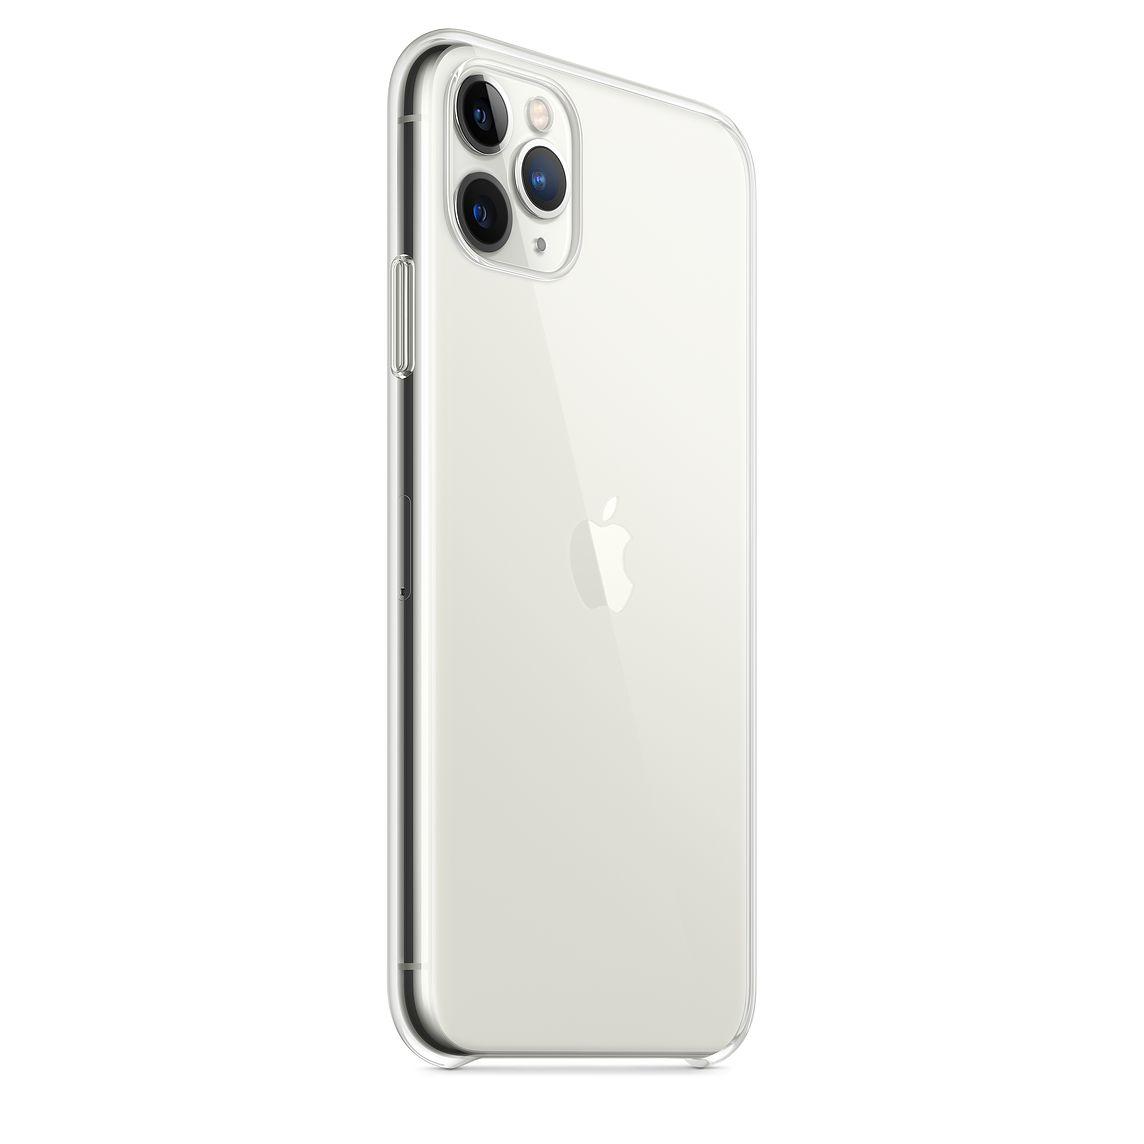 Купить Чехол-накладка ультратонкий 0.3mm для Apple iPhone 11 Pro силиконовый (прозрачный)